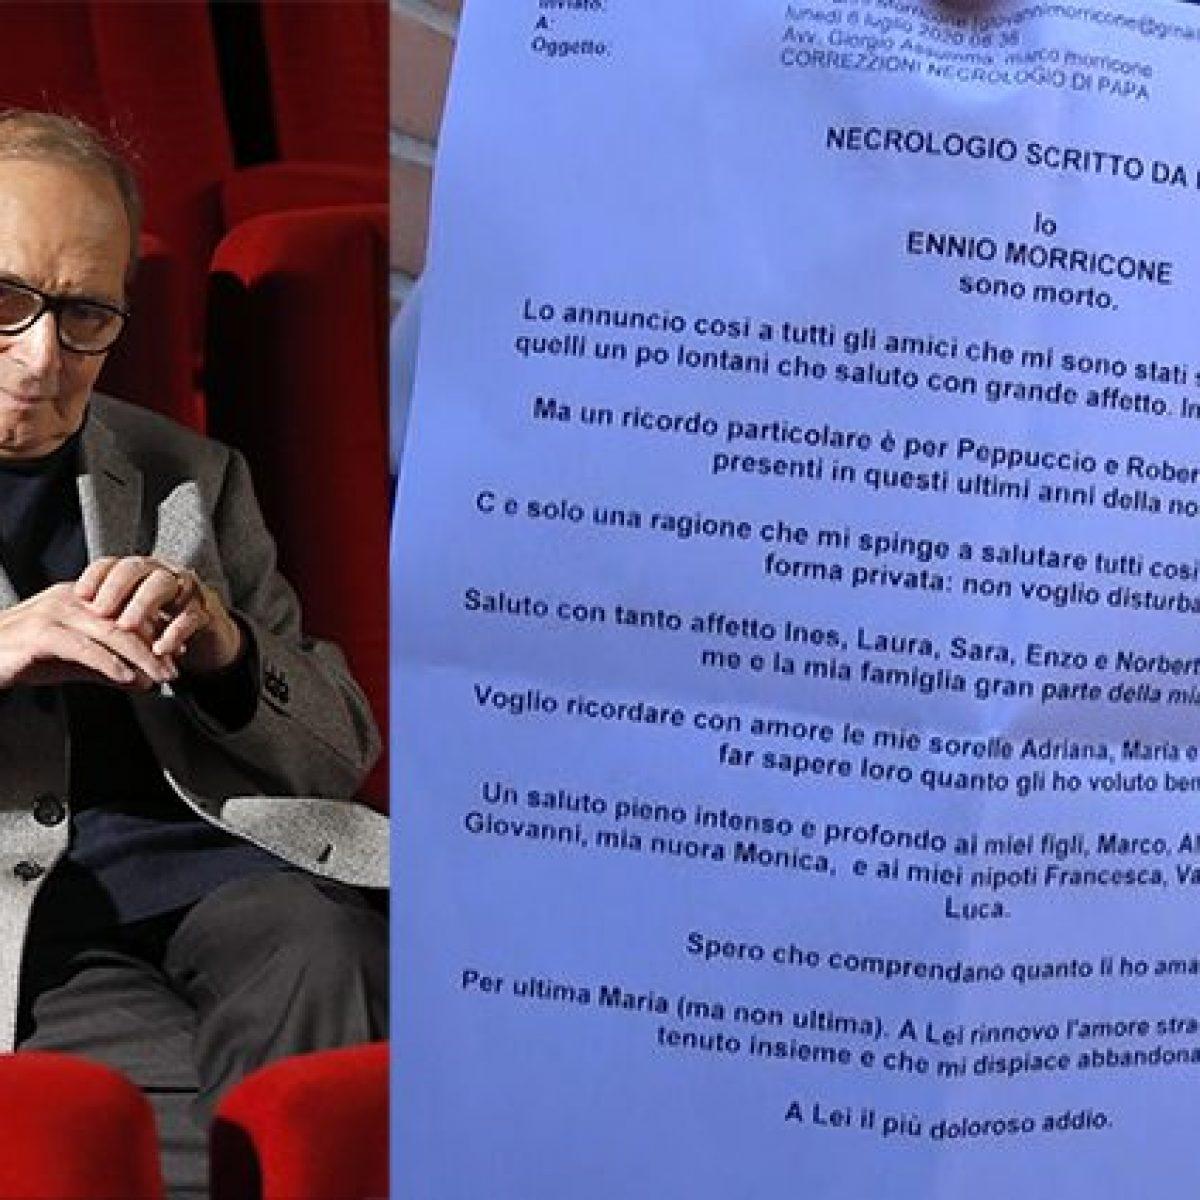 Ennio Morricone ha scritto il suo necrologio: Sono morto, a Maria ...